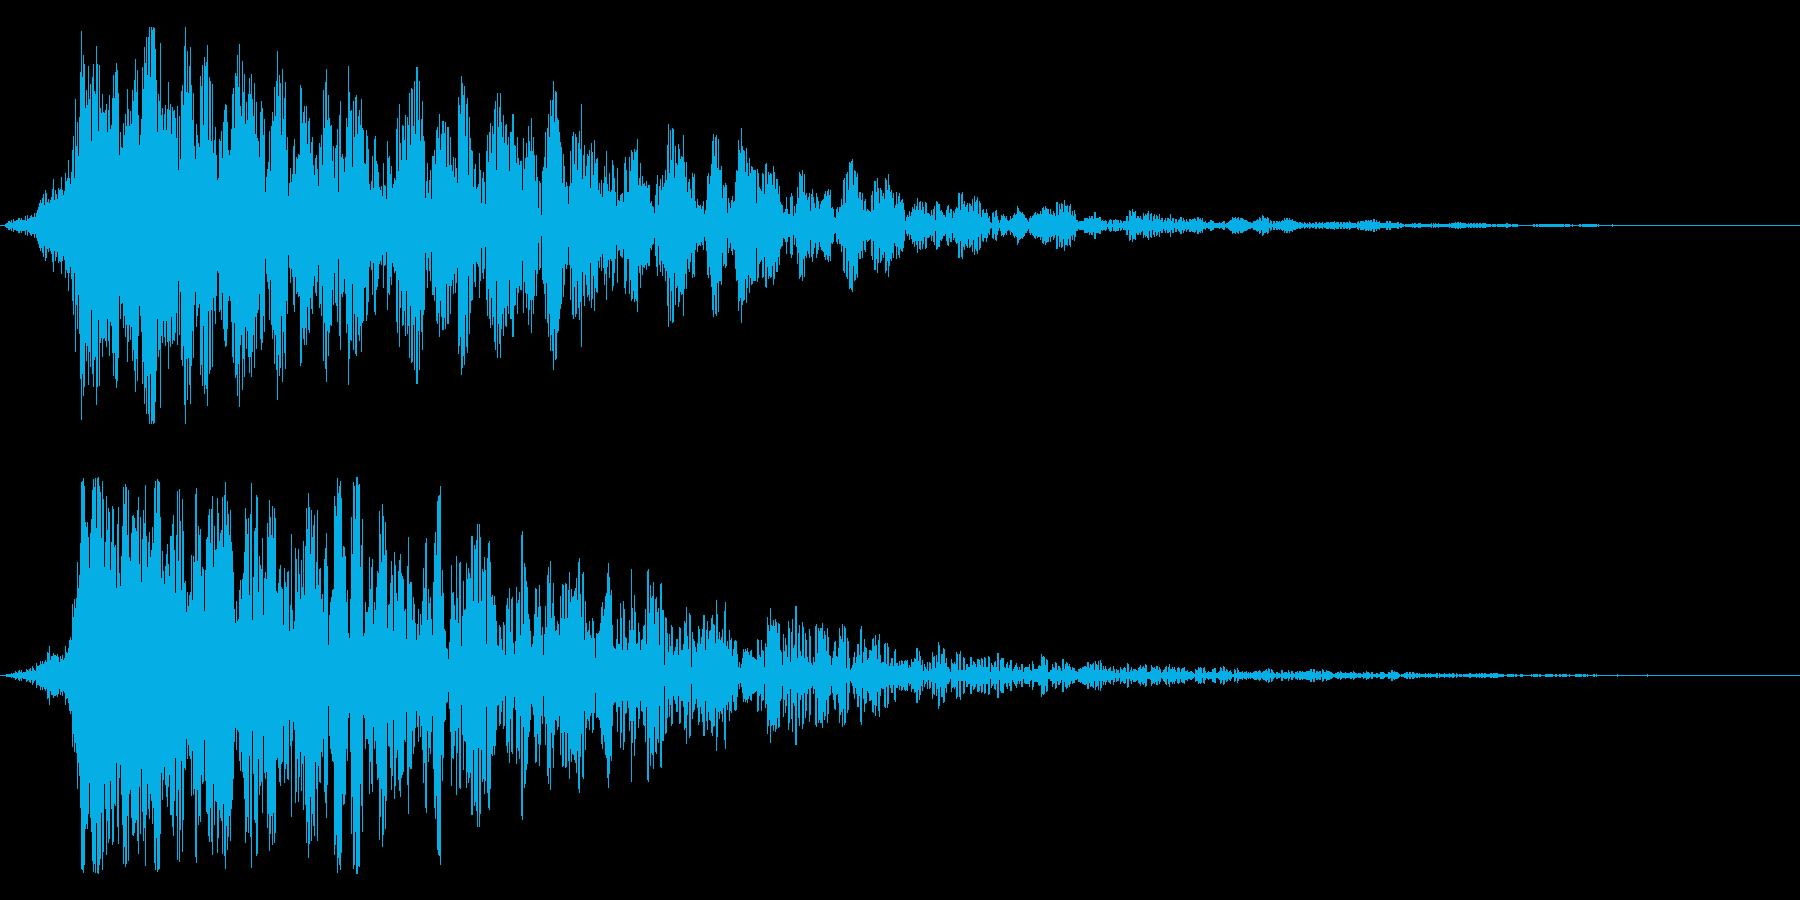 シネマティック ヒット インパクト!12の再生済みの波形